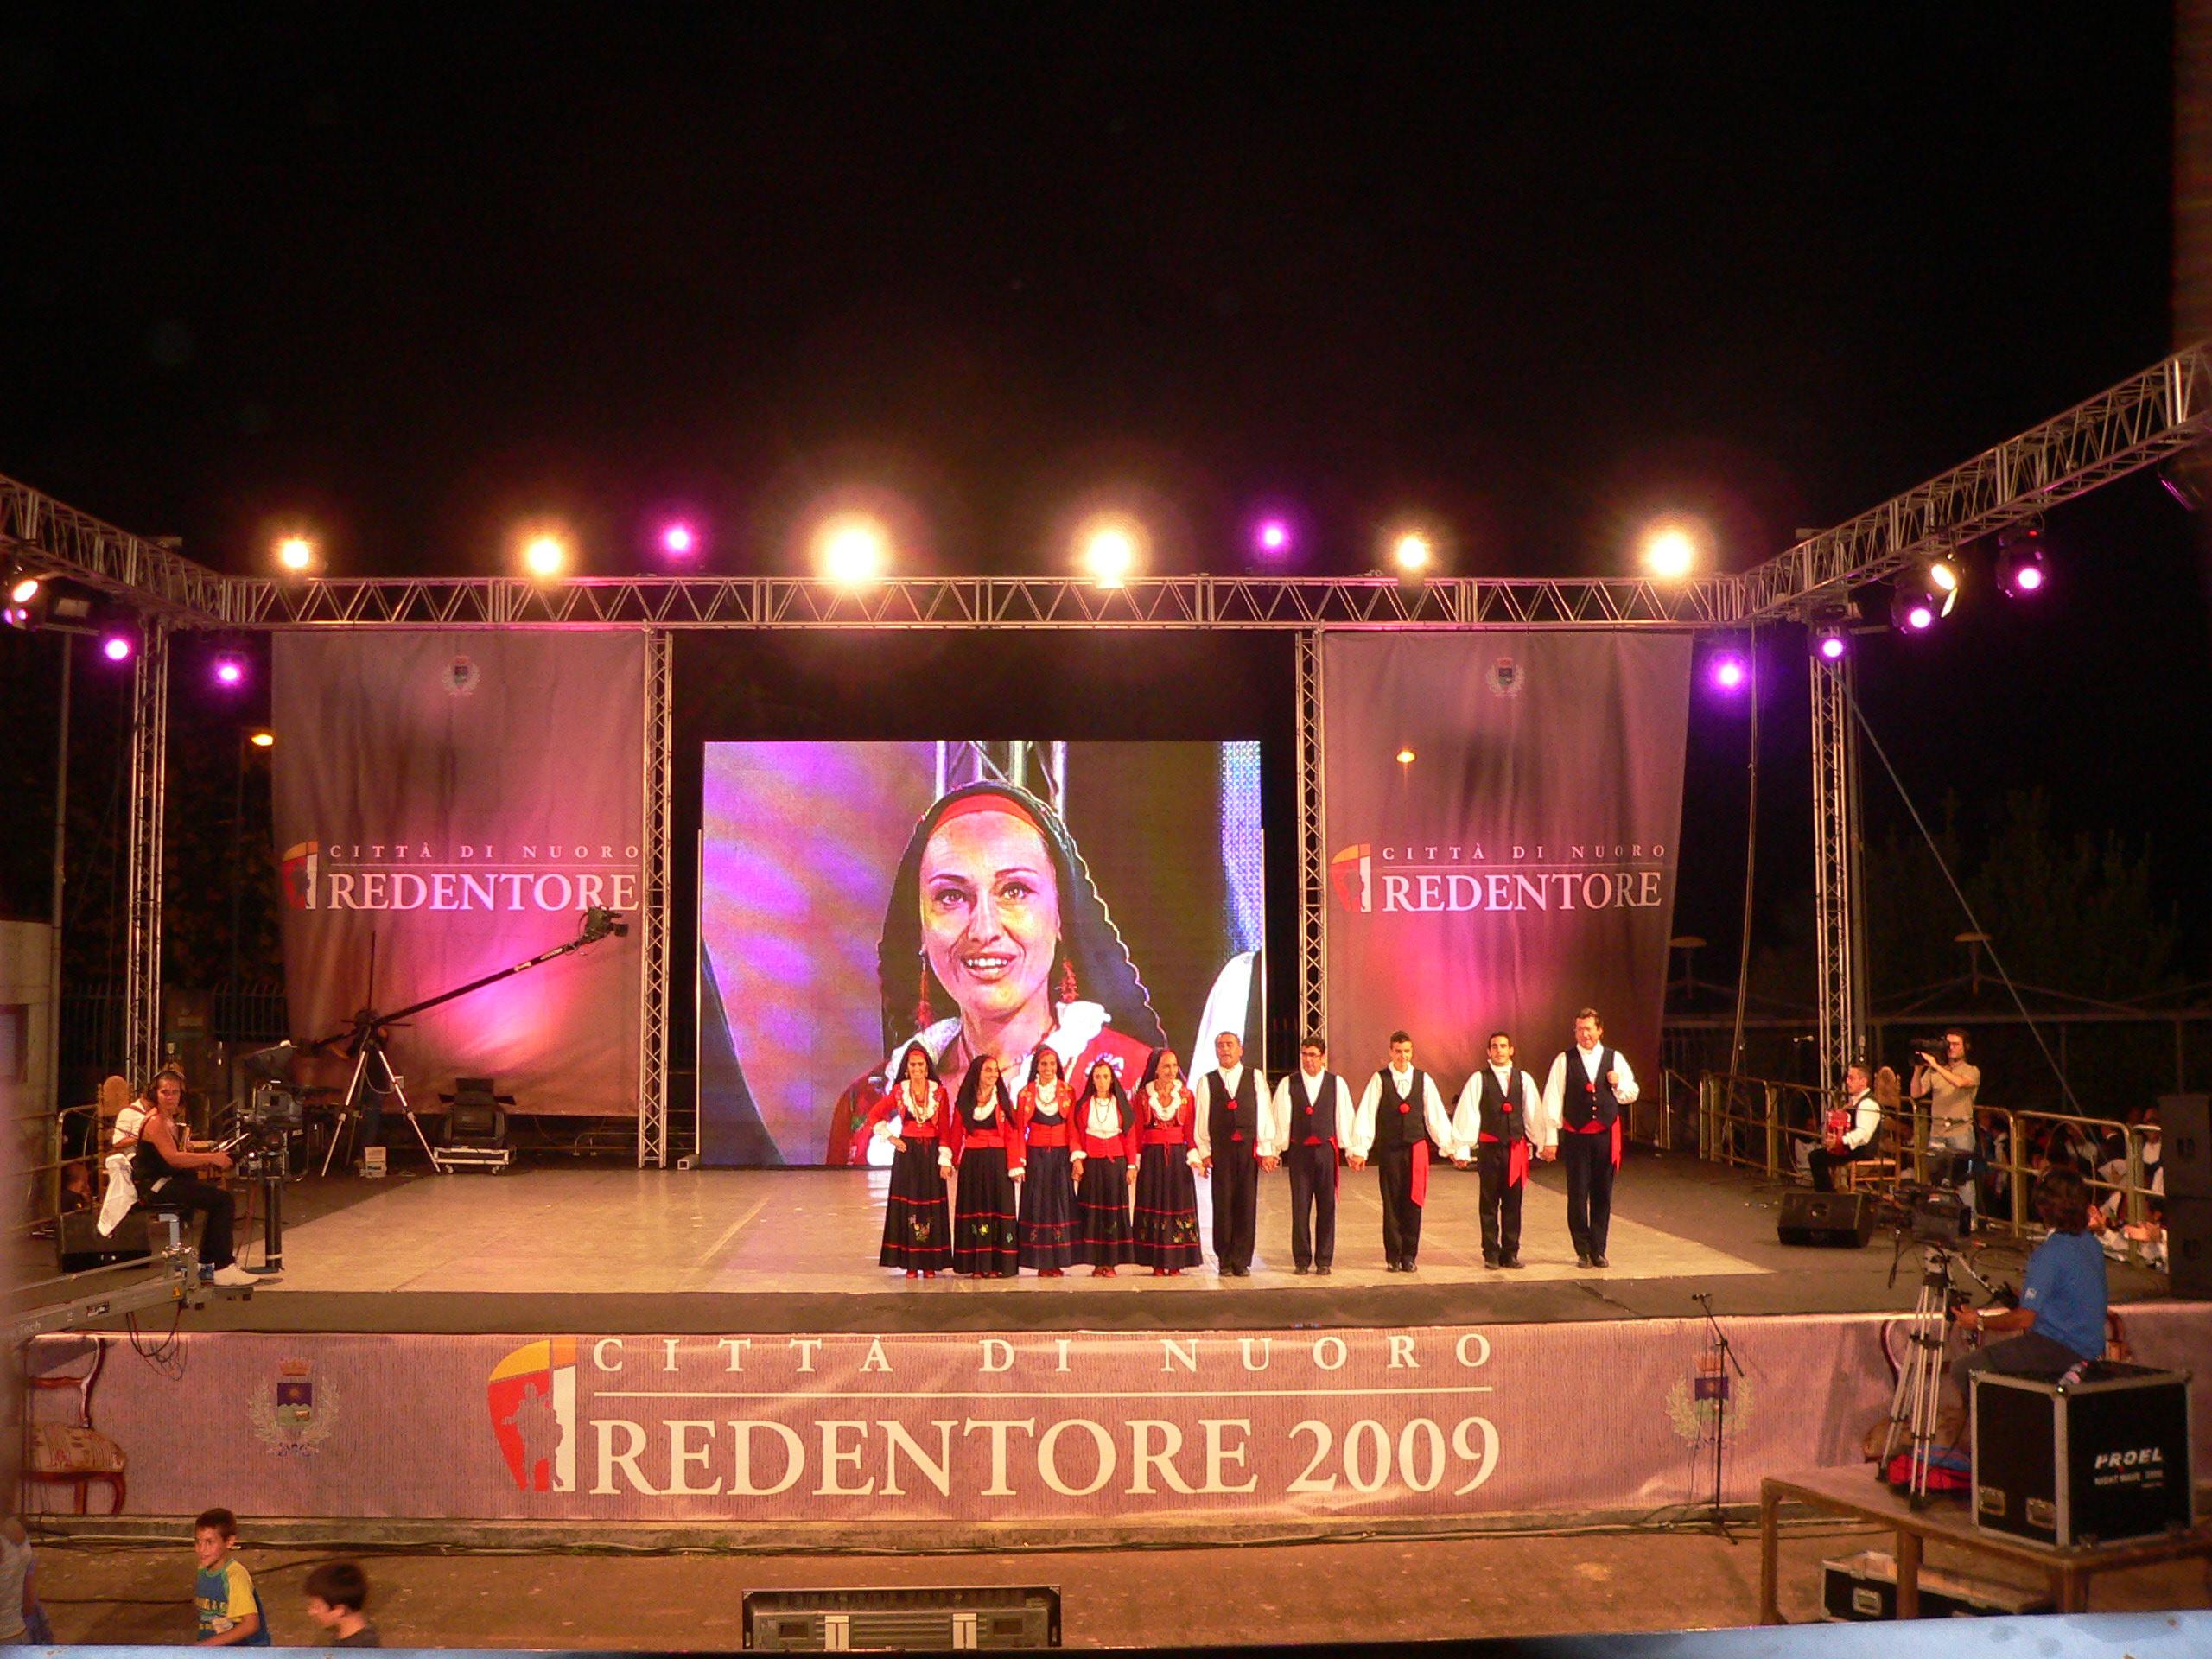 Festa Redentore 2009